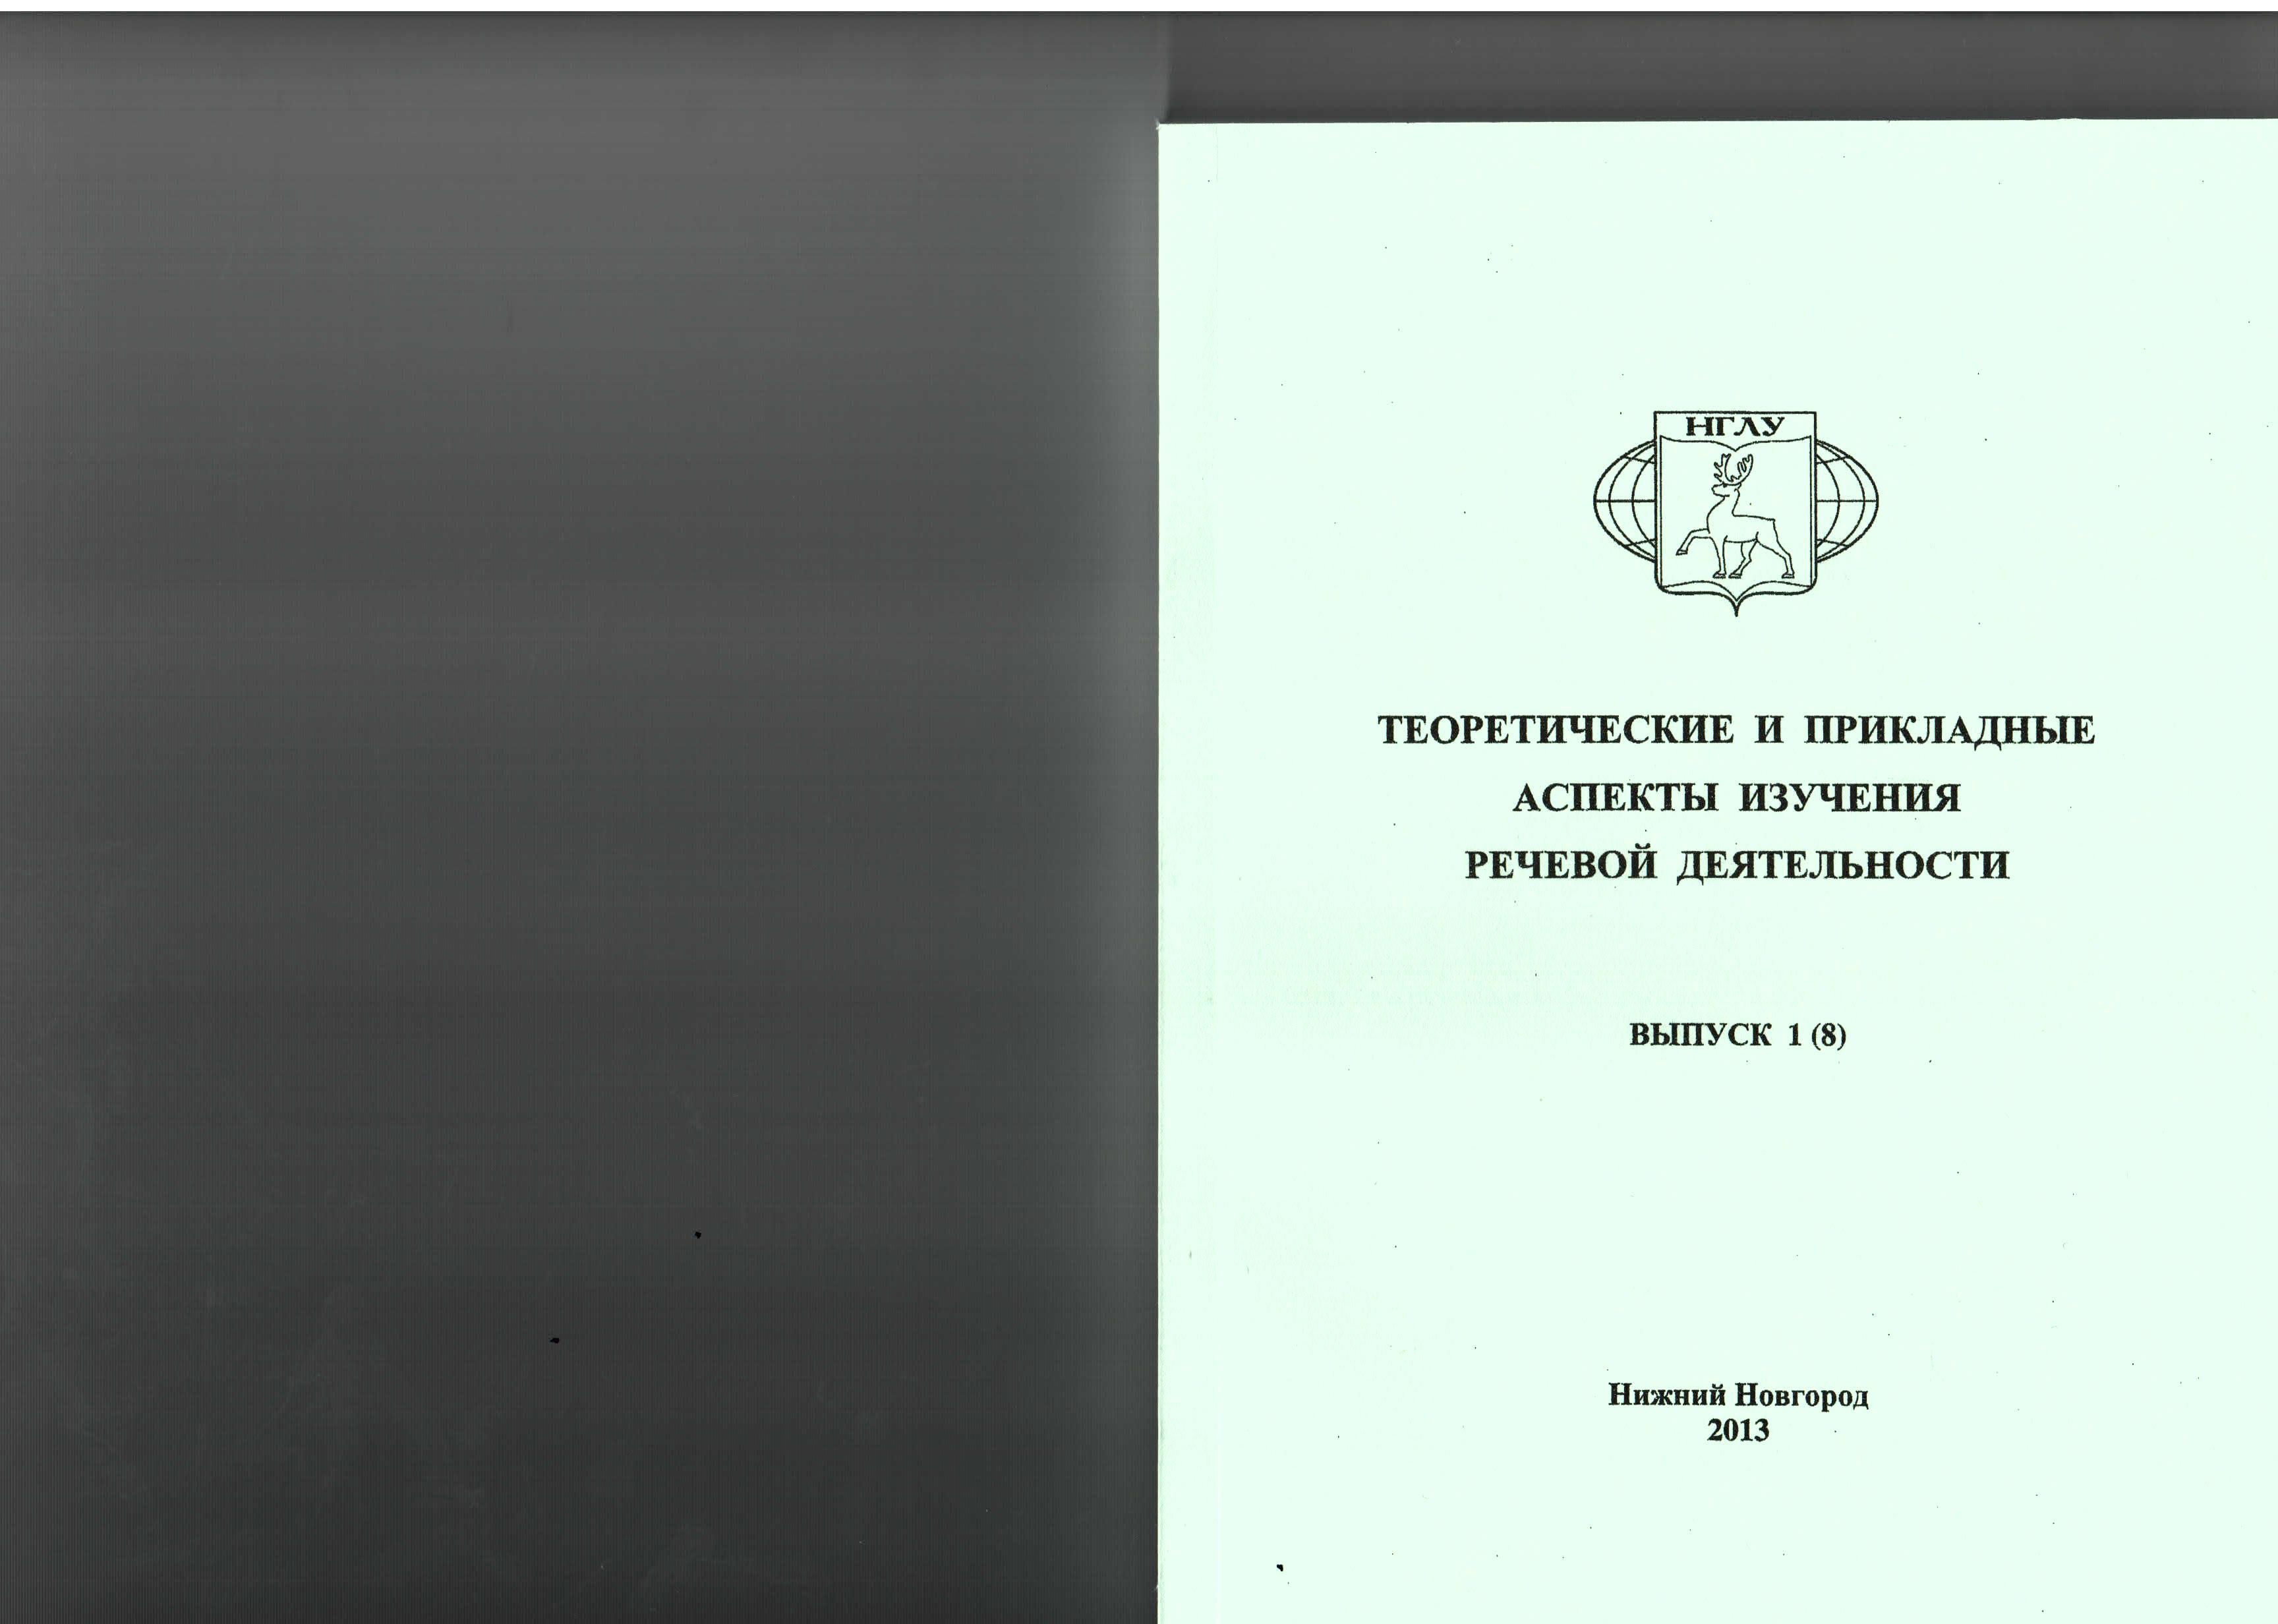 Когнитивный анализ текста: работа над методологическими ошибками